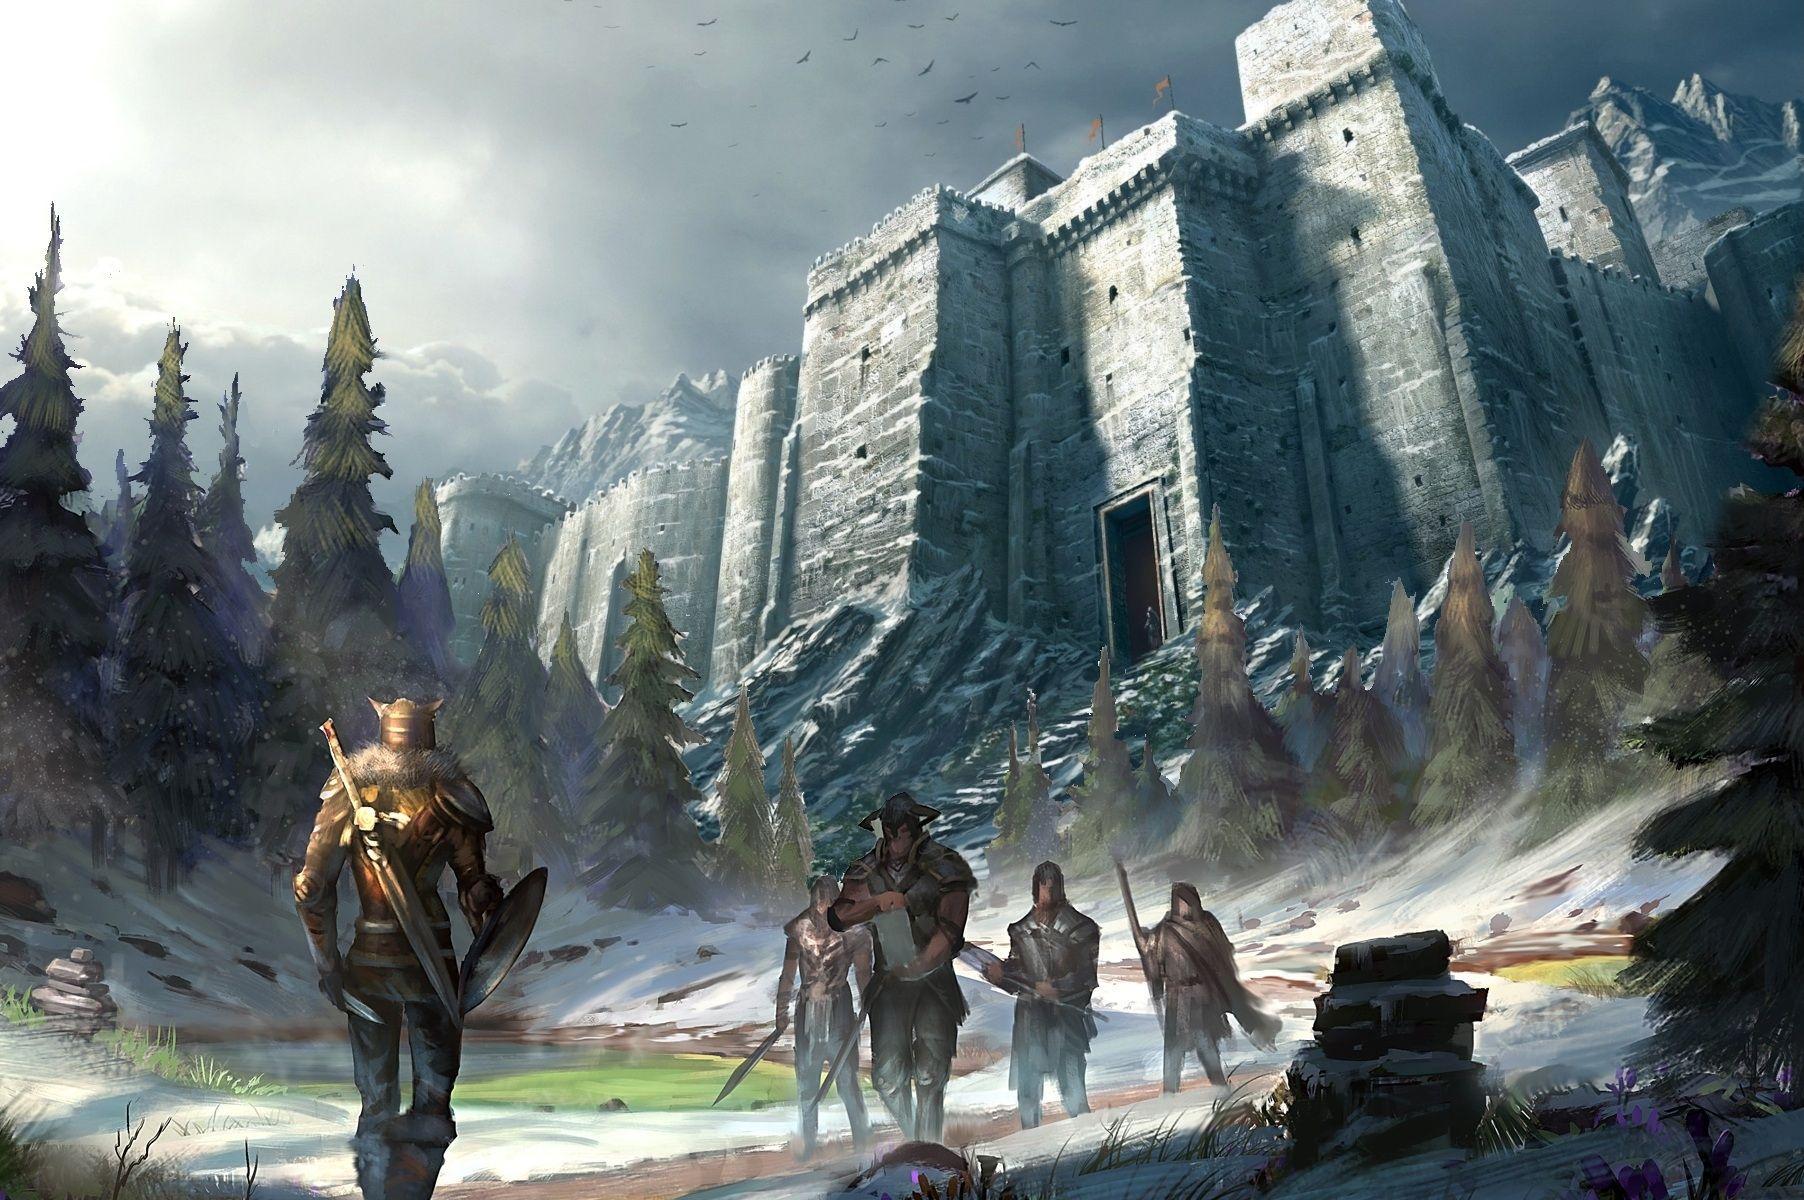 The Elder Scrolls Online Wallpapers - Wallpaper Cave